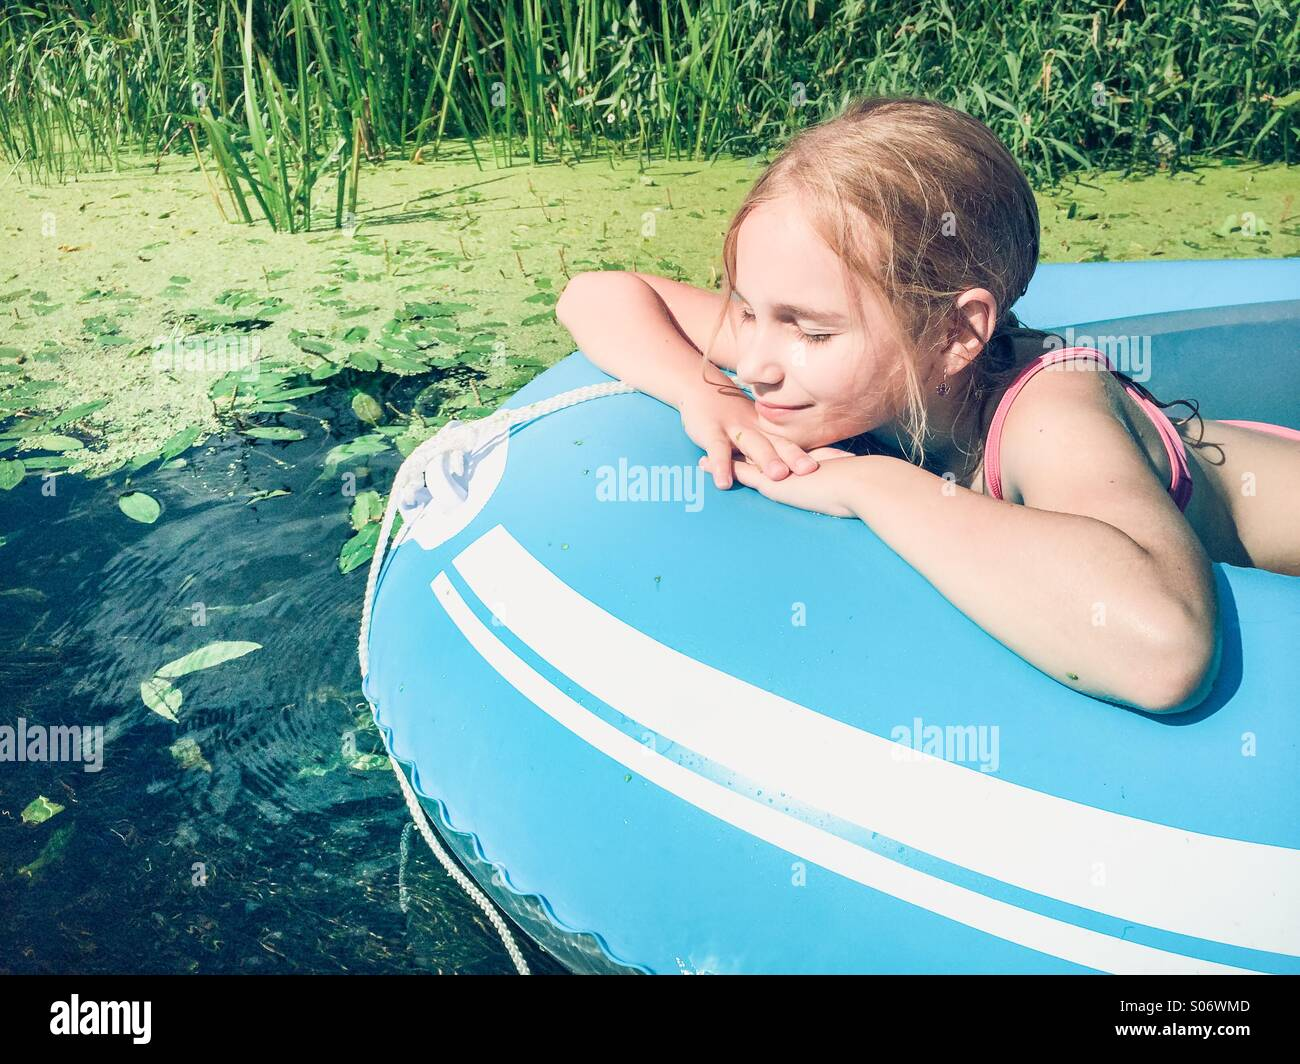 Niña sentada en una balsa sobre un río con exuberante vegetación Imagen De Stock